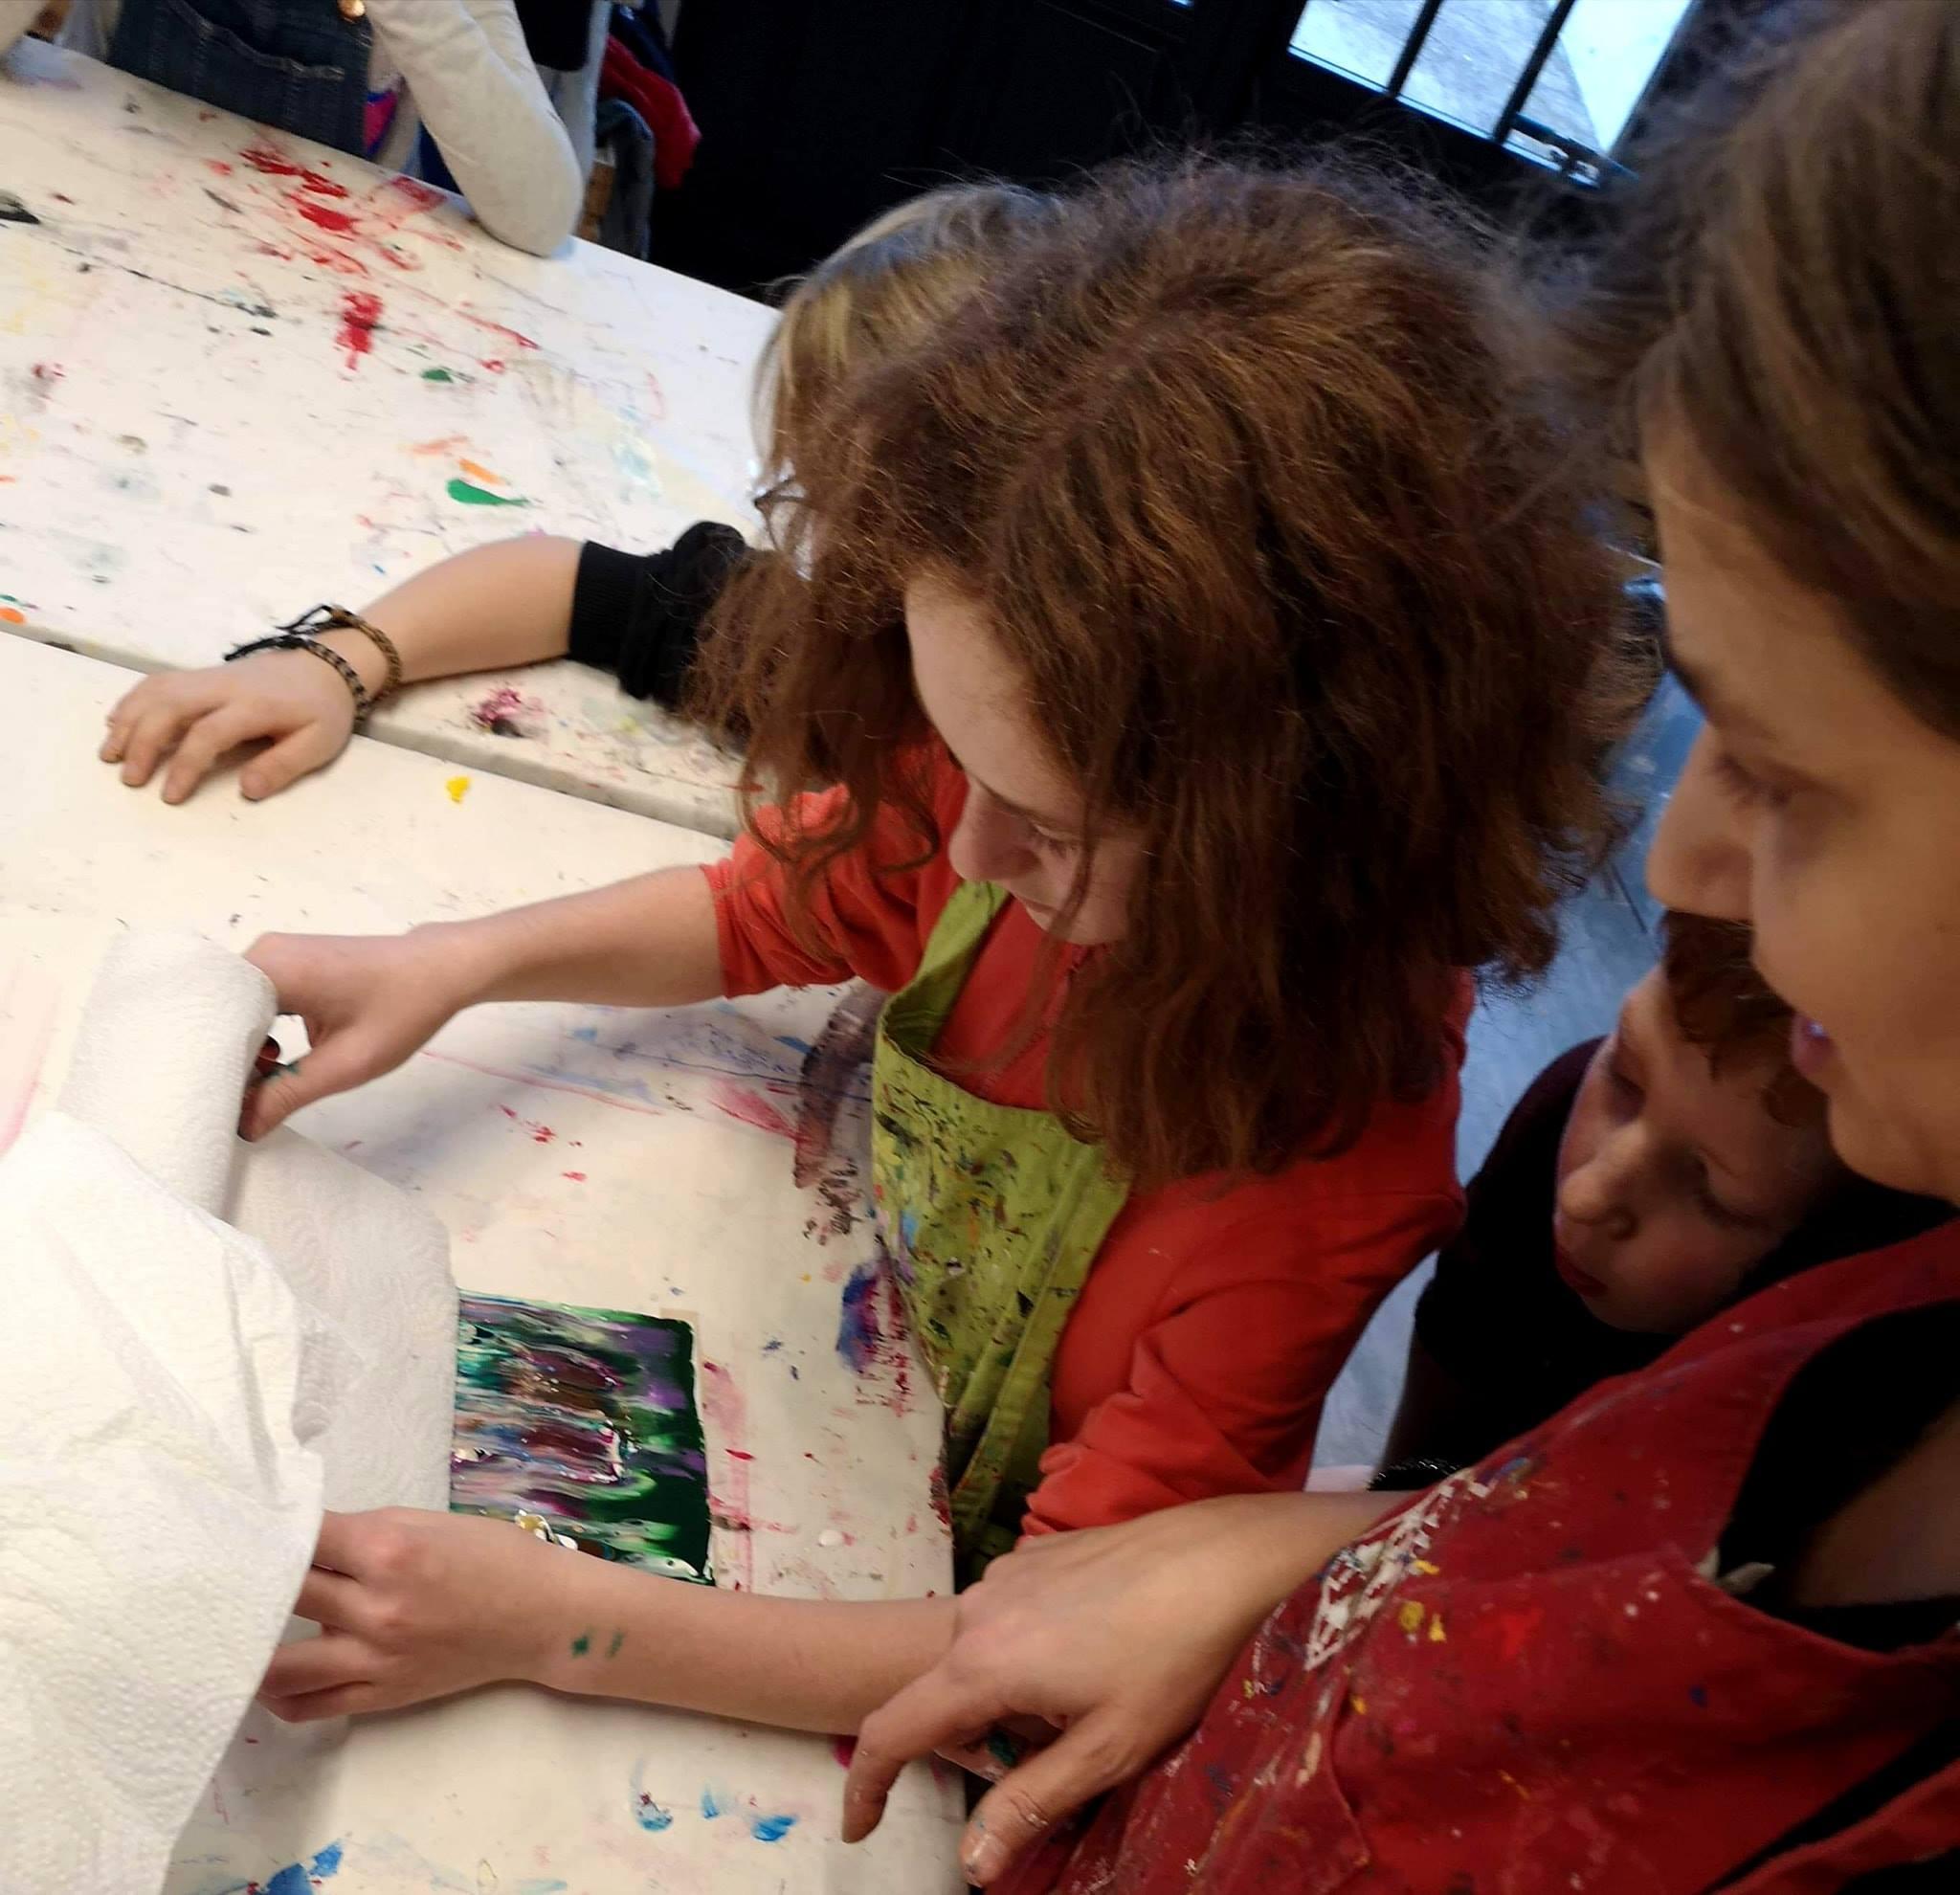 Une encadrante aide une enfant sur la création d'une oeuvre